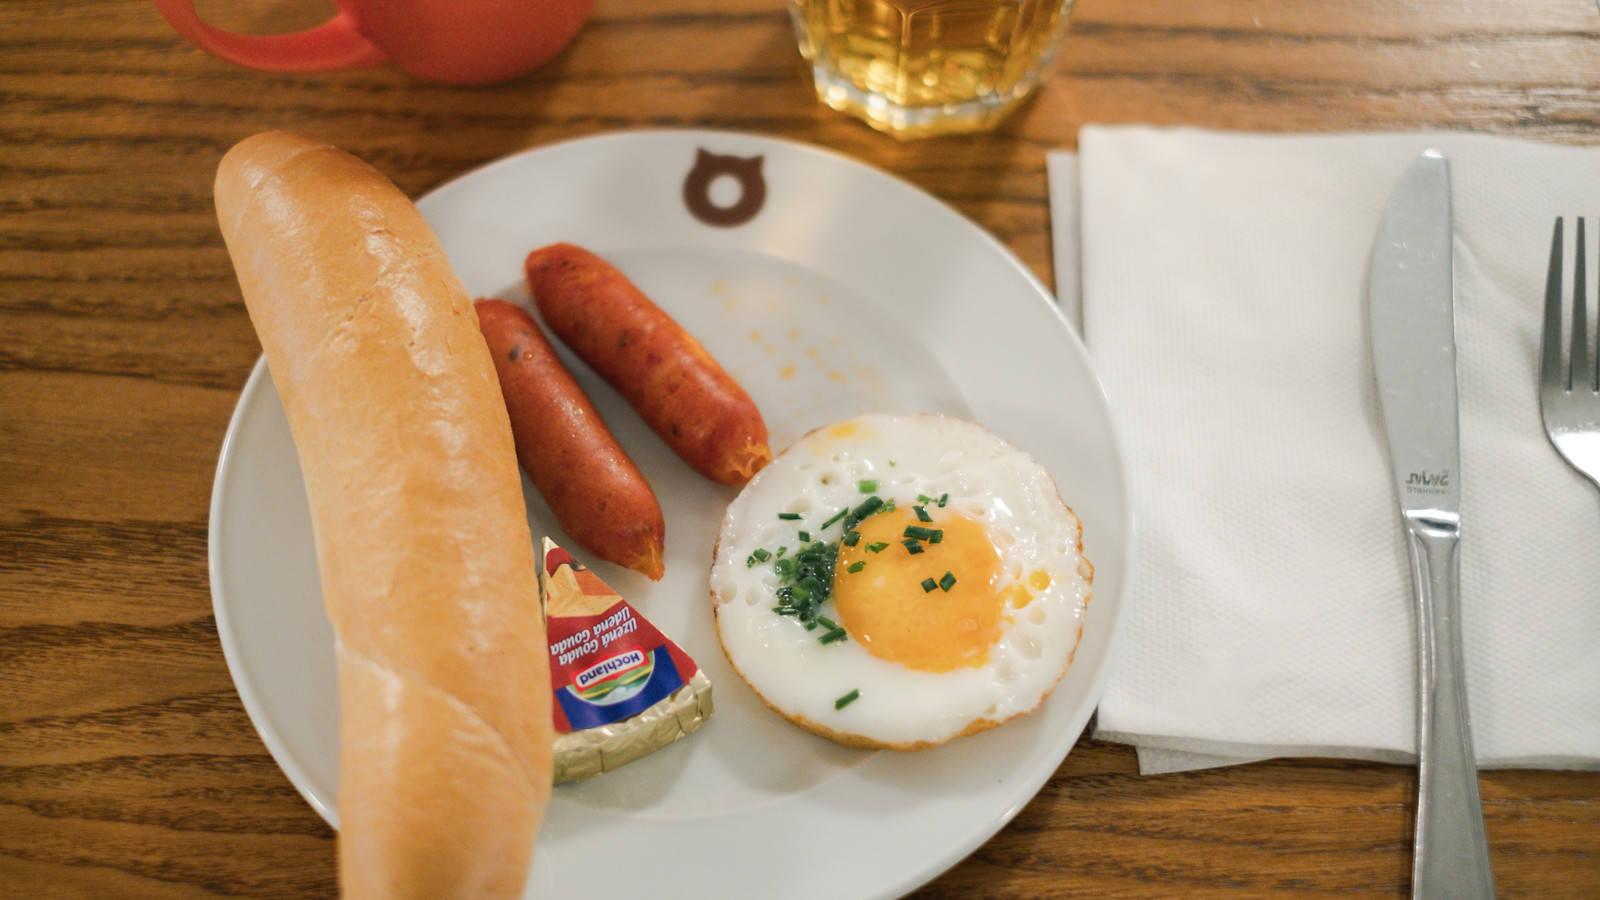 「チェコで食べた朝食(目玉焼きとウィンナー)」の写真